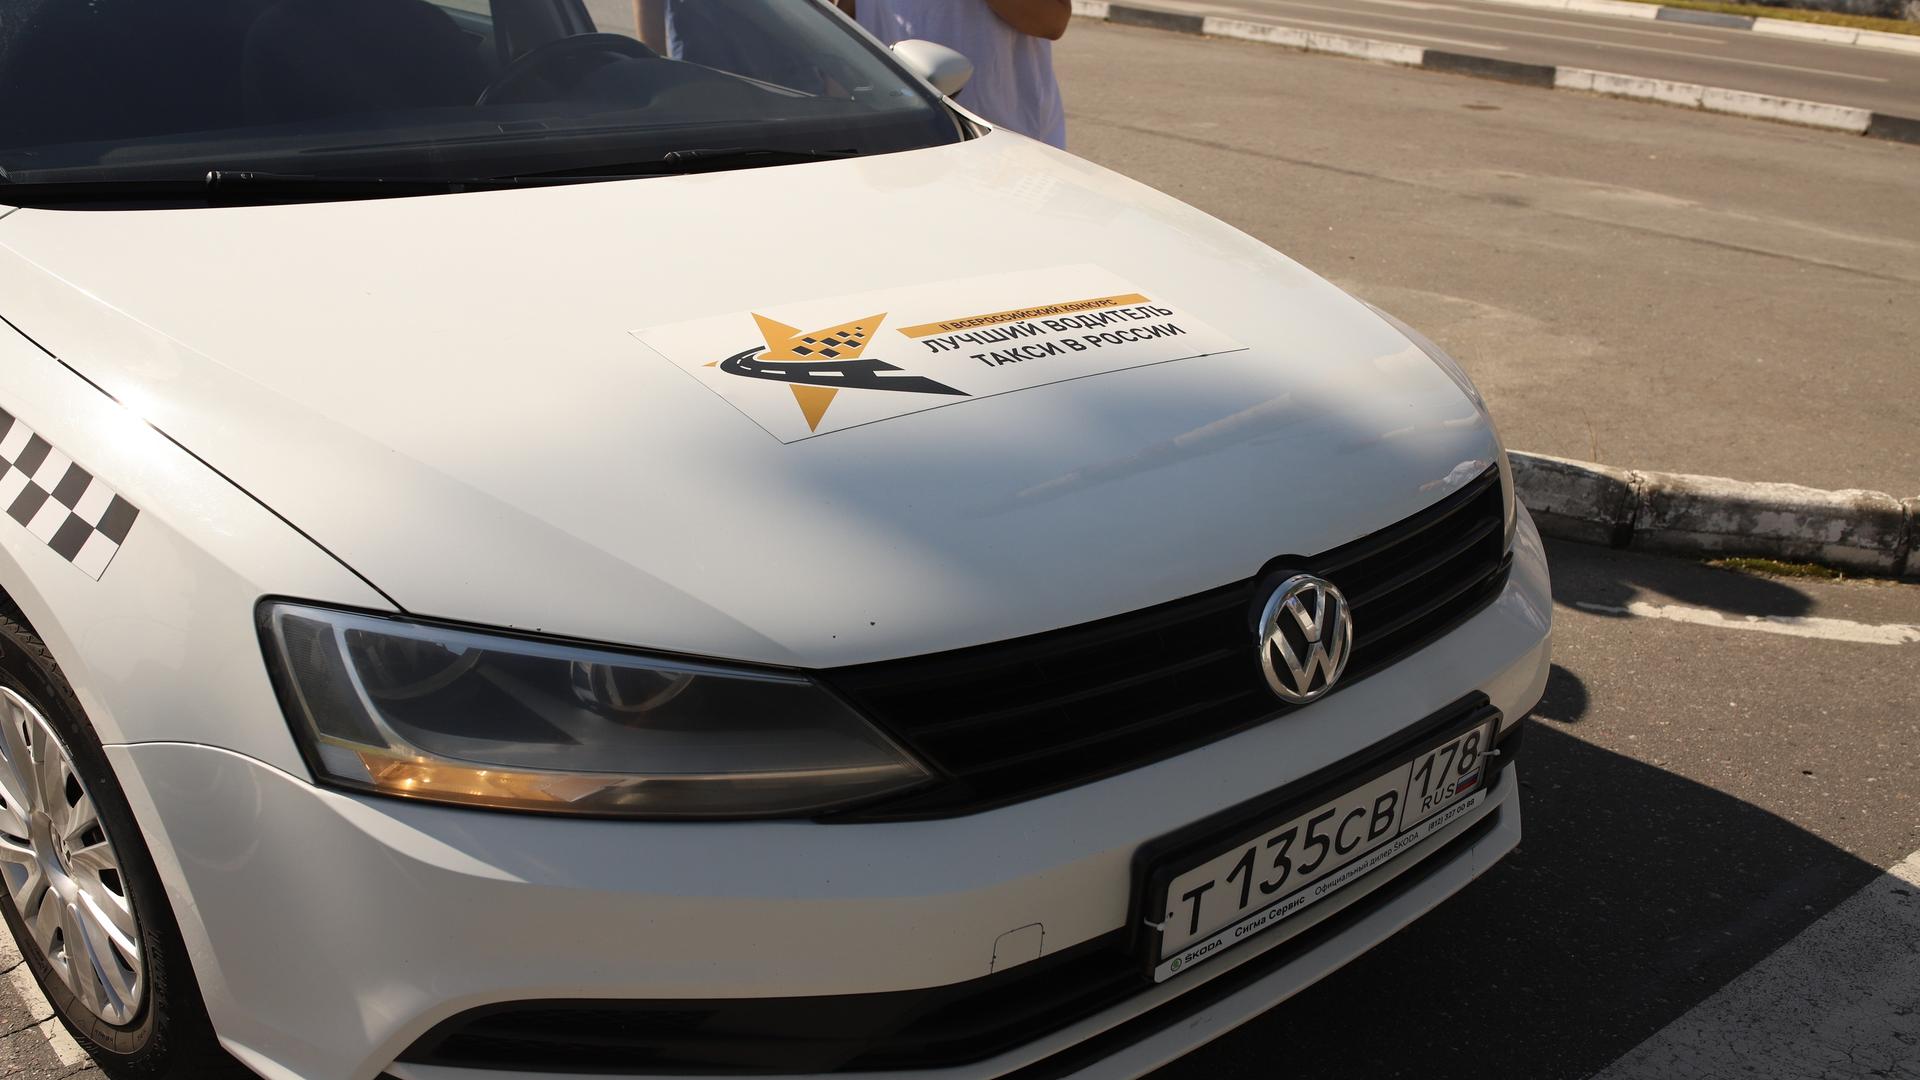 «Лучший водитель такси в России — 2020» в Санкт-Петербурге и Ленинградской области: анонс